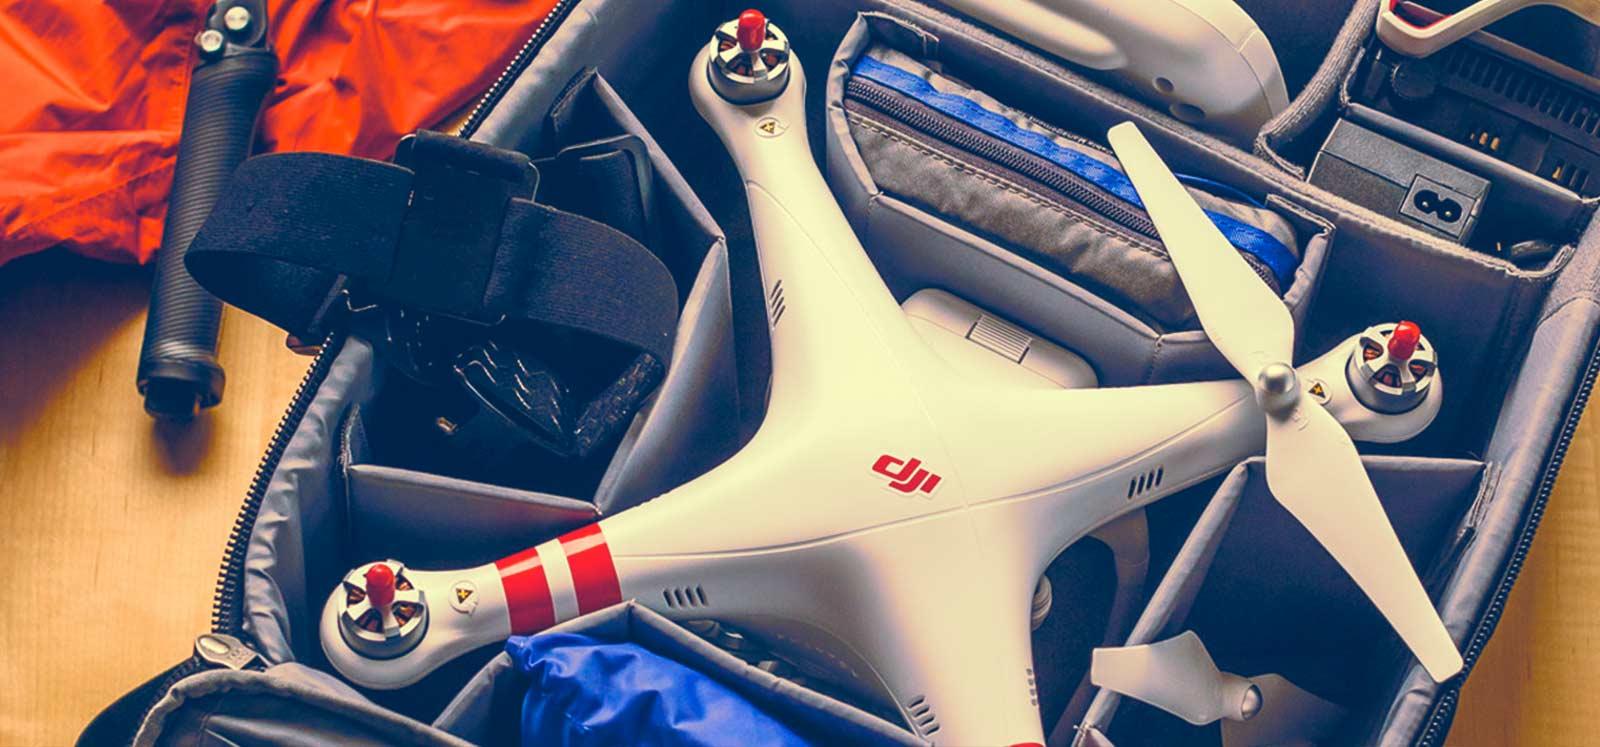 mochila-kit-drone